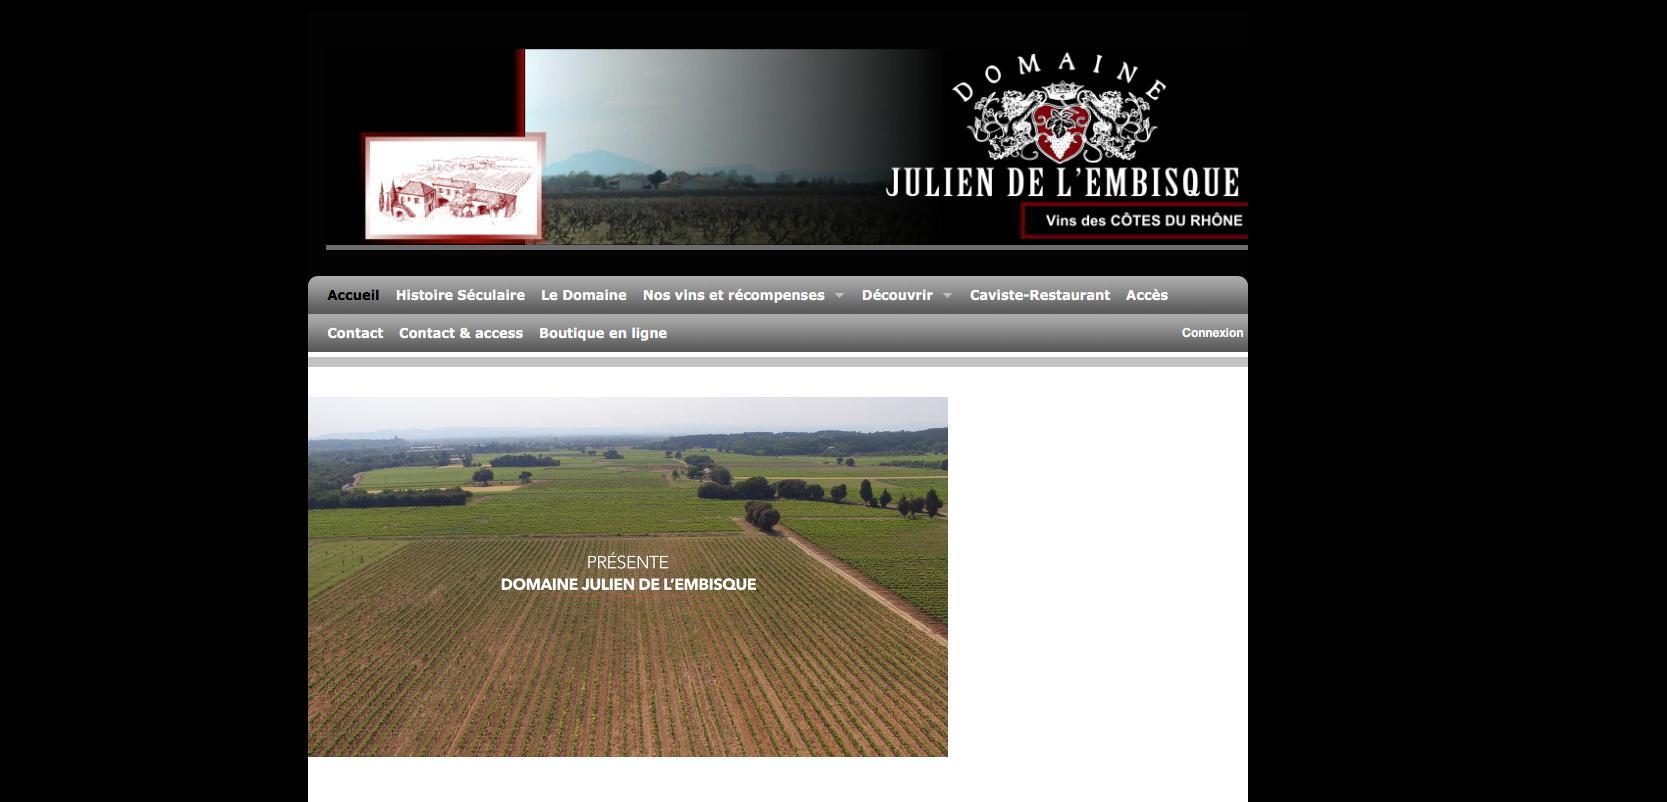 Domaine-Julien-de-L-embisque